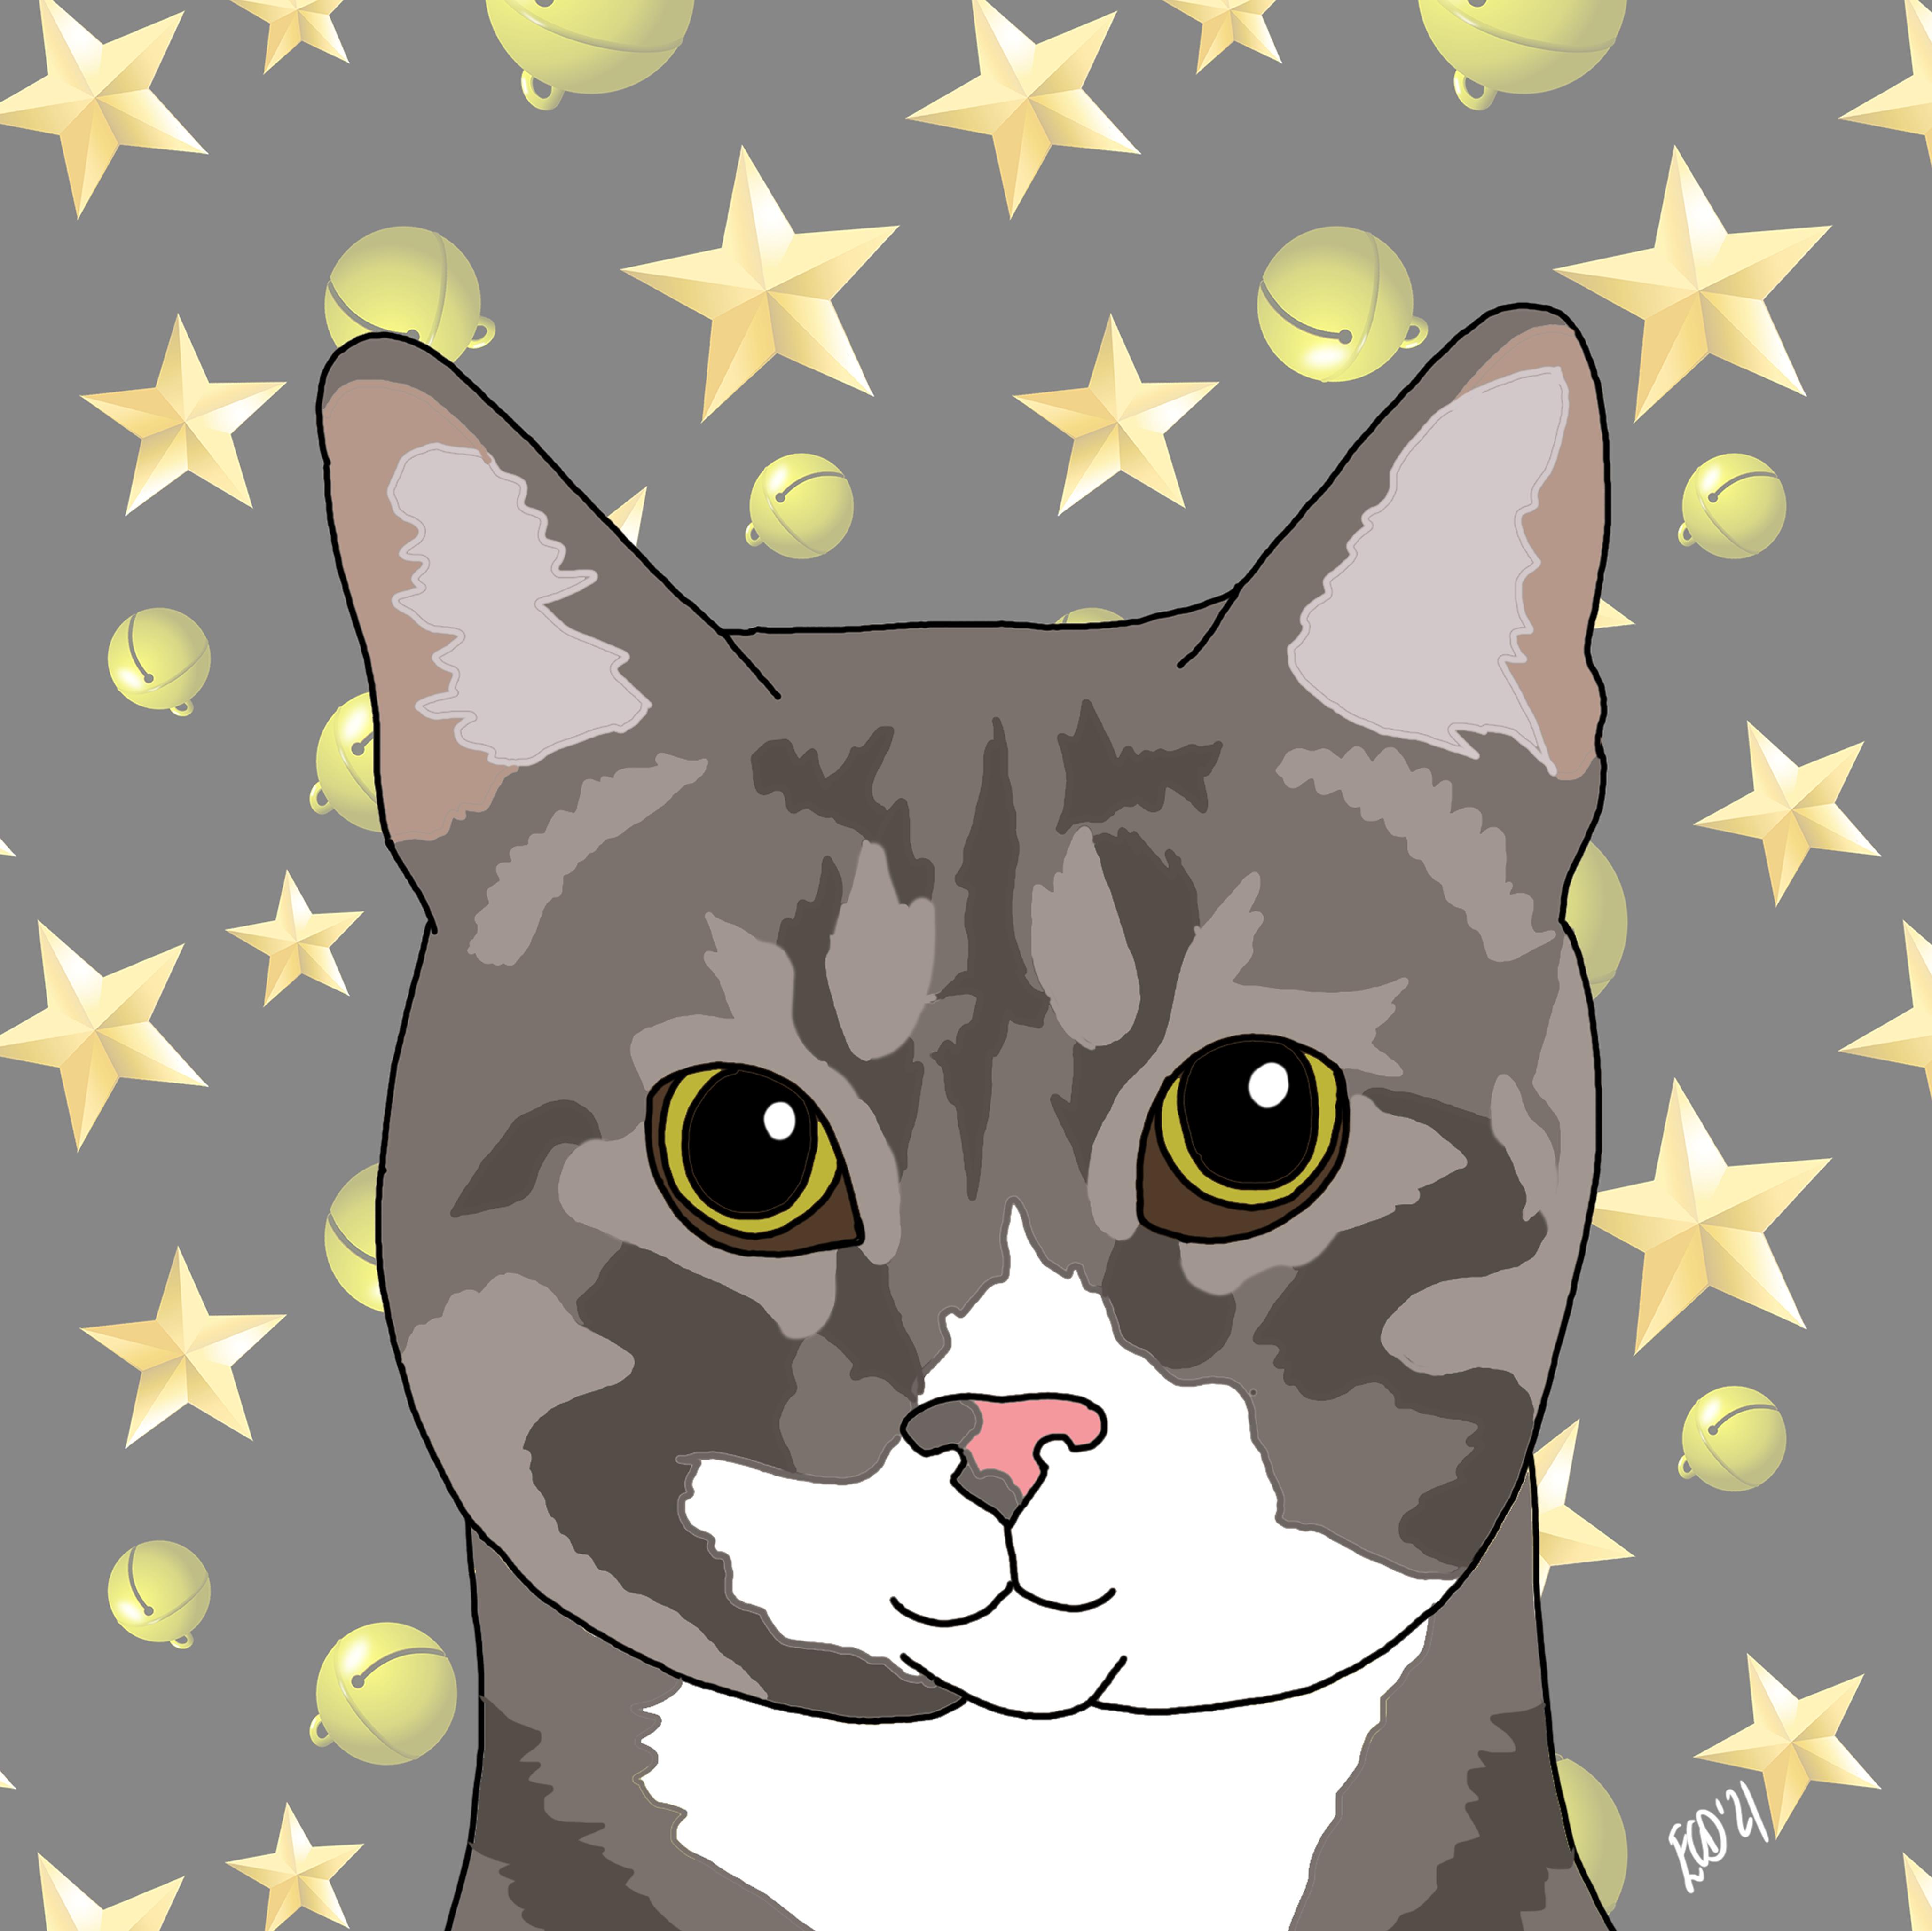 https://0201.nccdn.net/4_2/000/000/06b/a1b/buddy-portrait.png